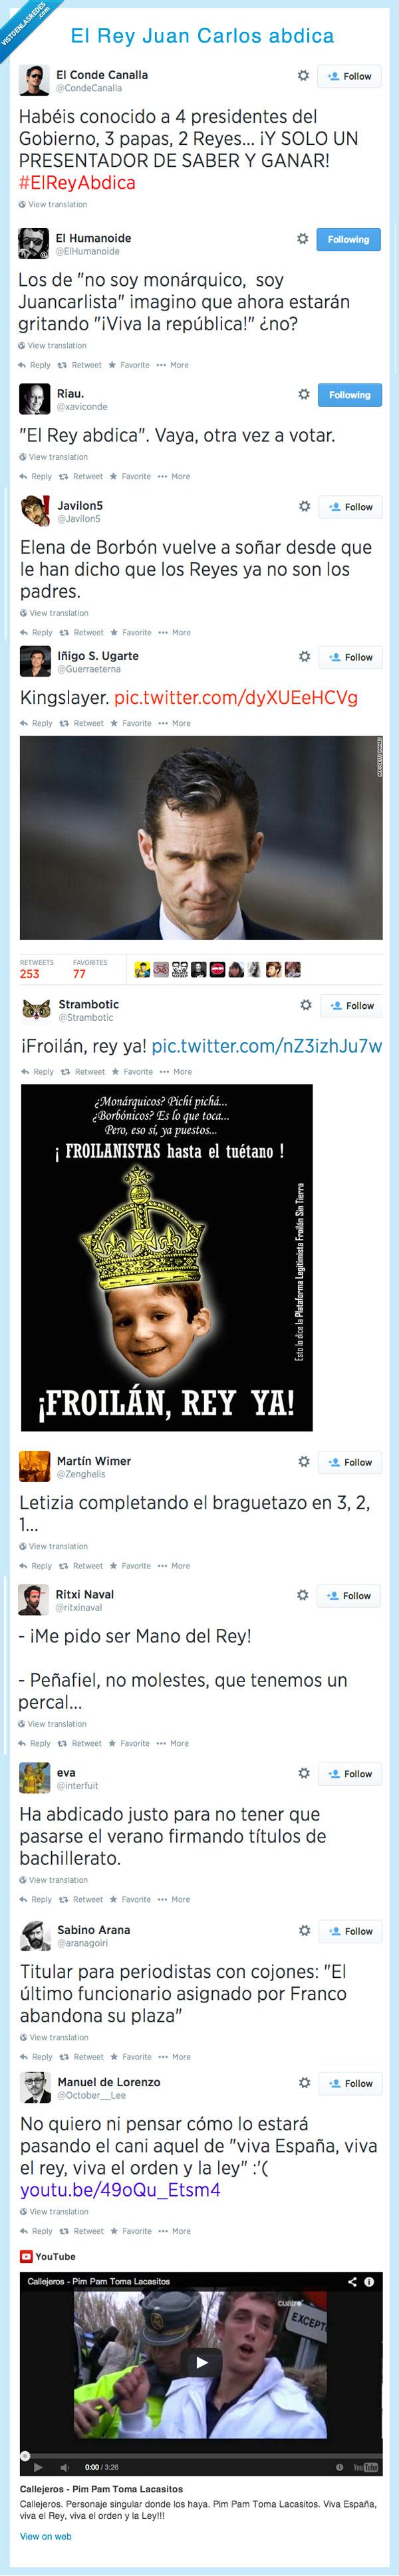 388094 - Se comenta por Twitter que el Rey Juan Carlos ha abdicado